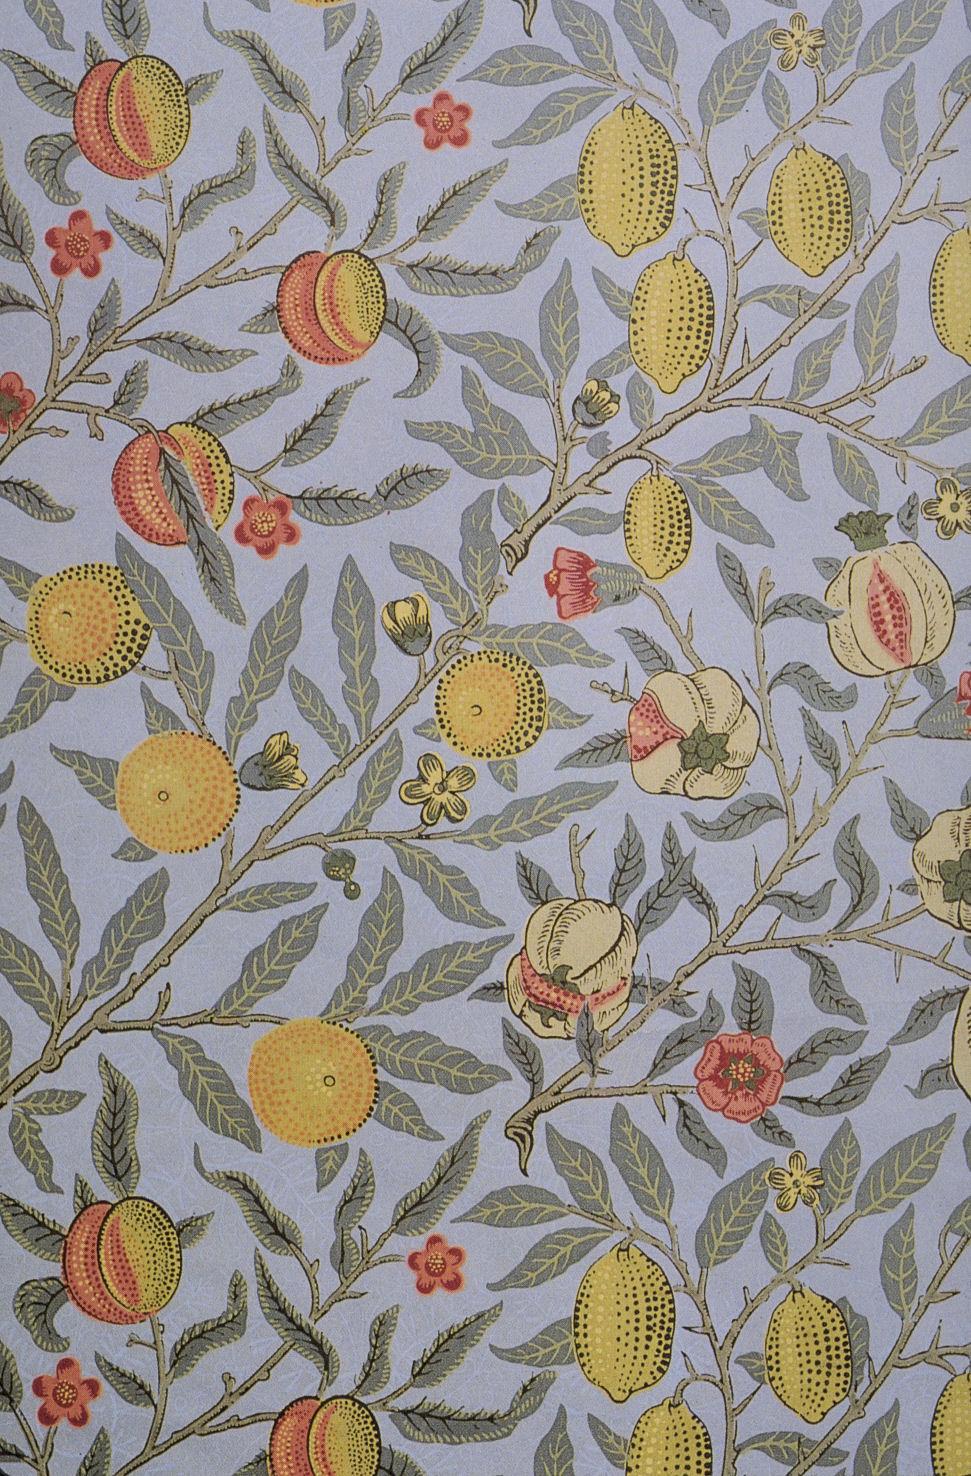 file morris fruit wallpaper c